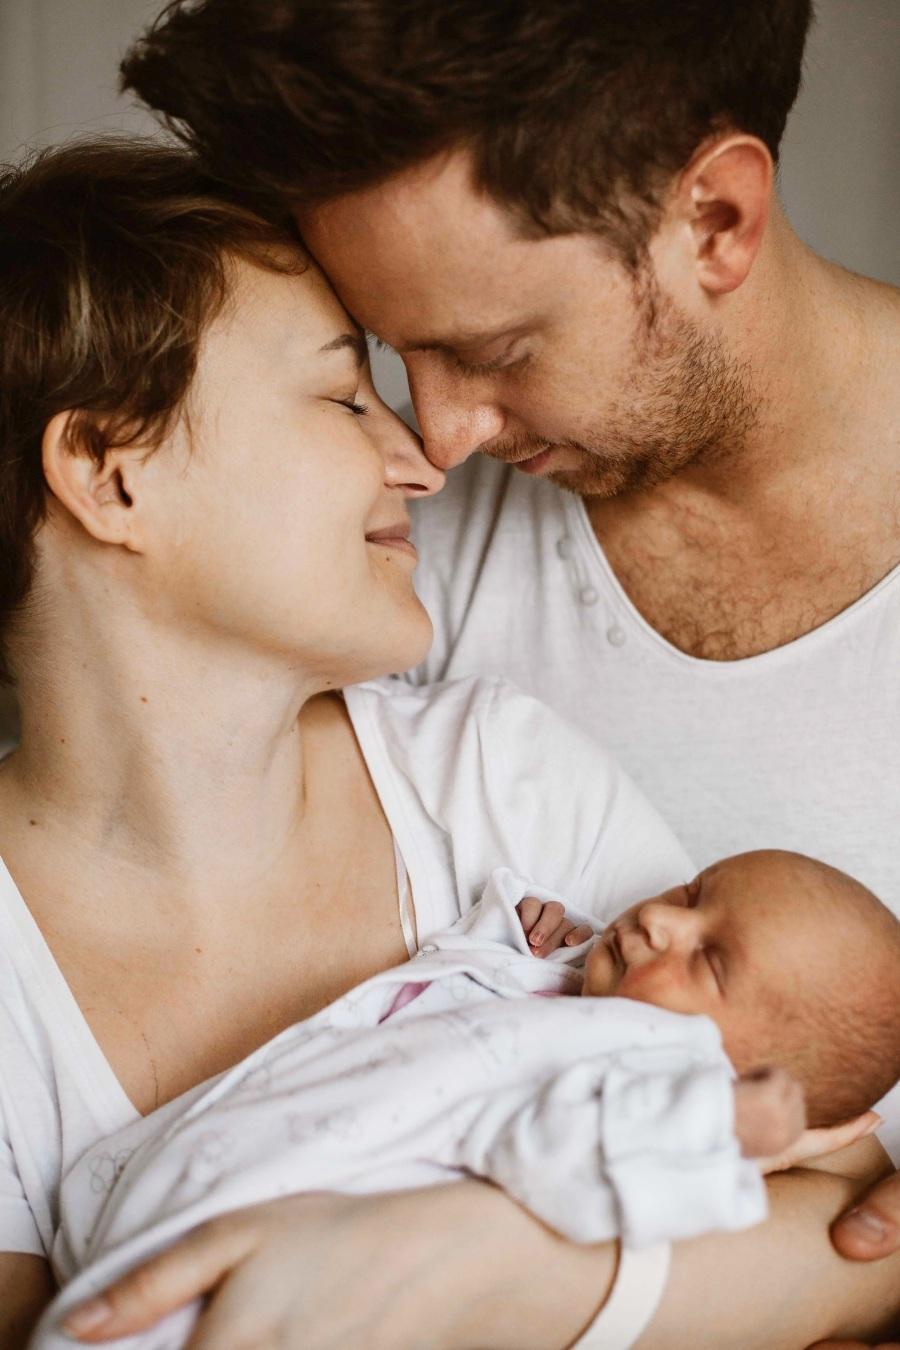 pierwsze48 sesja noworodkowa w szpitalu projekt48 wyprawka szpital karowa sw. zofii babyshower prezent